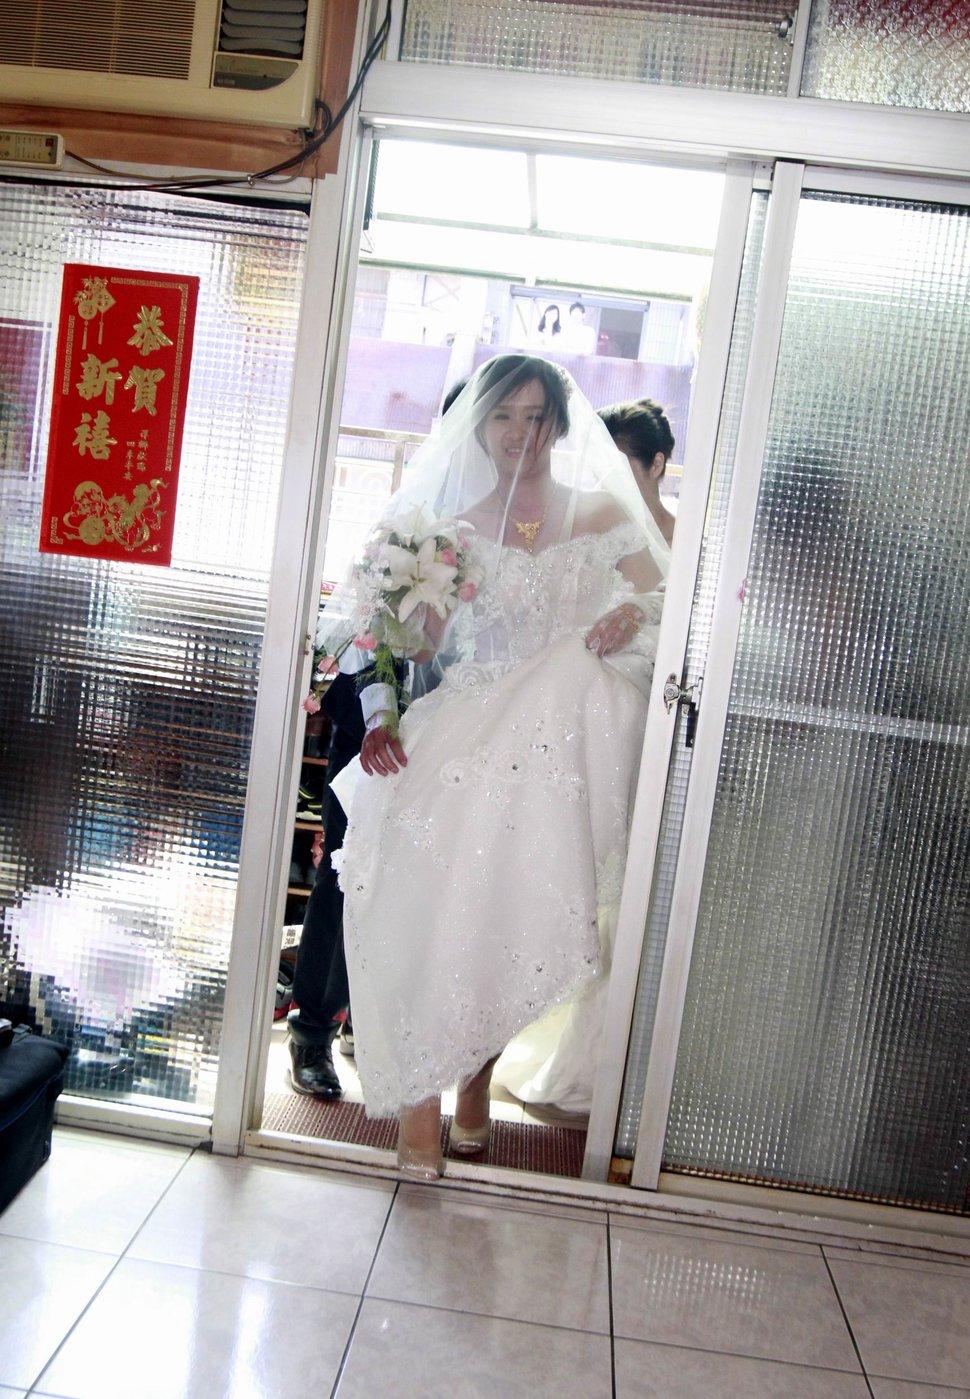 永和易牙居婚宴廣場宴會廳婚婚禮記錄結婚迎娶婚禮記錄動態微電影錄影專業錄影平面攝影婚攝婚禮(編號:213040) - 蜜月拍照10800錄影12800攝影團隊 - 結婚吧